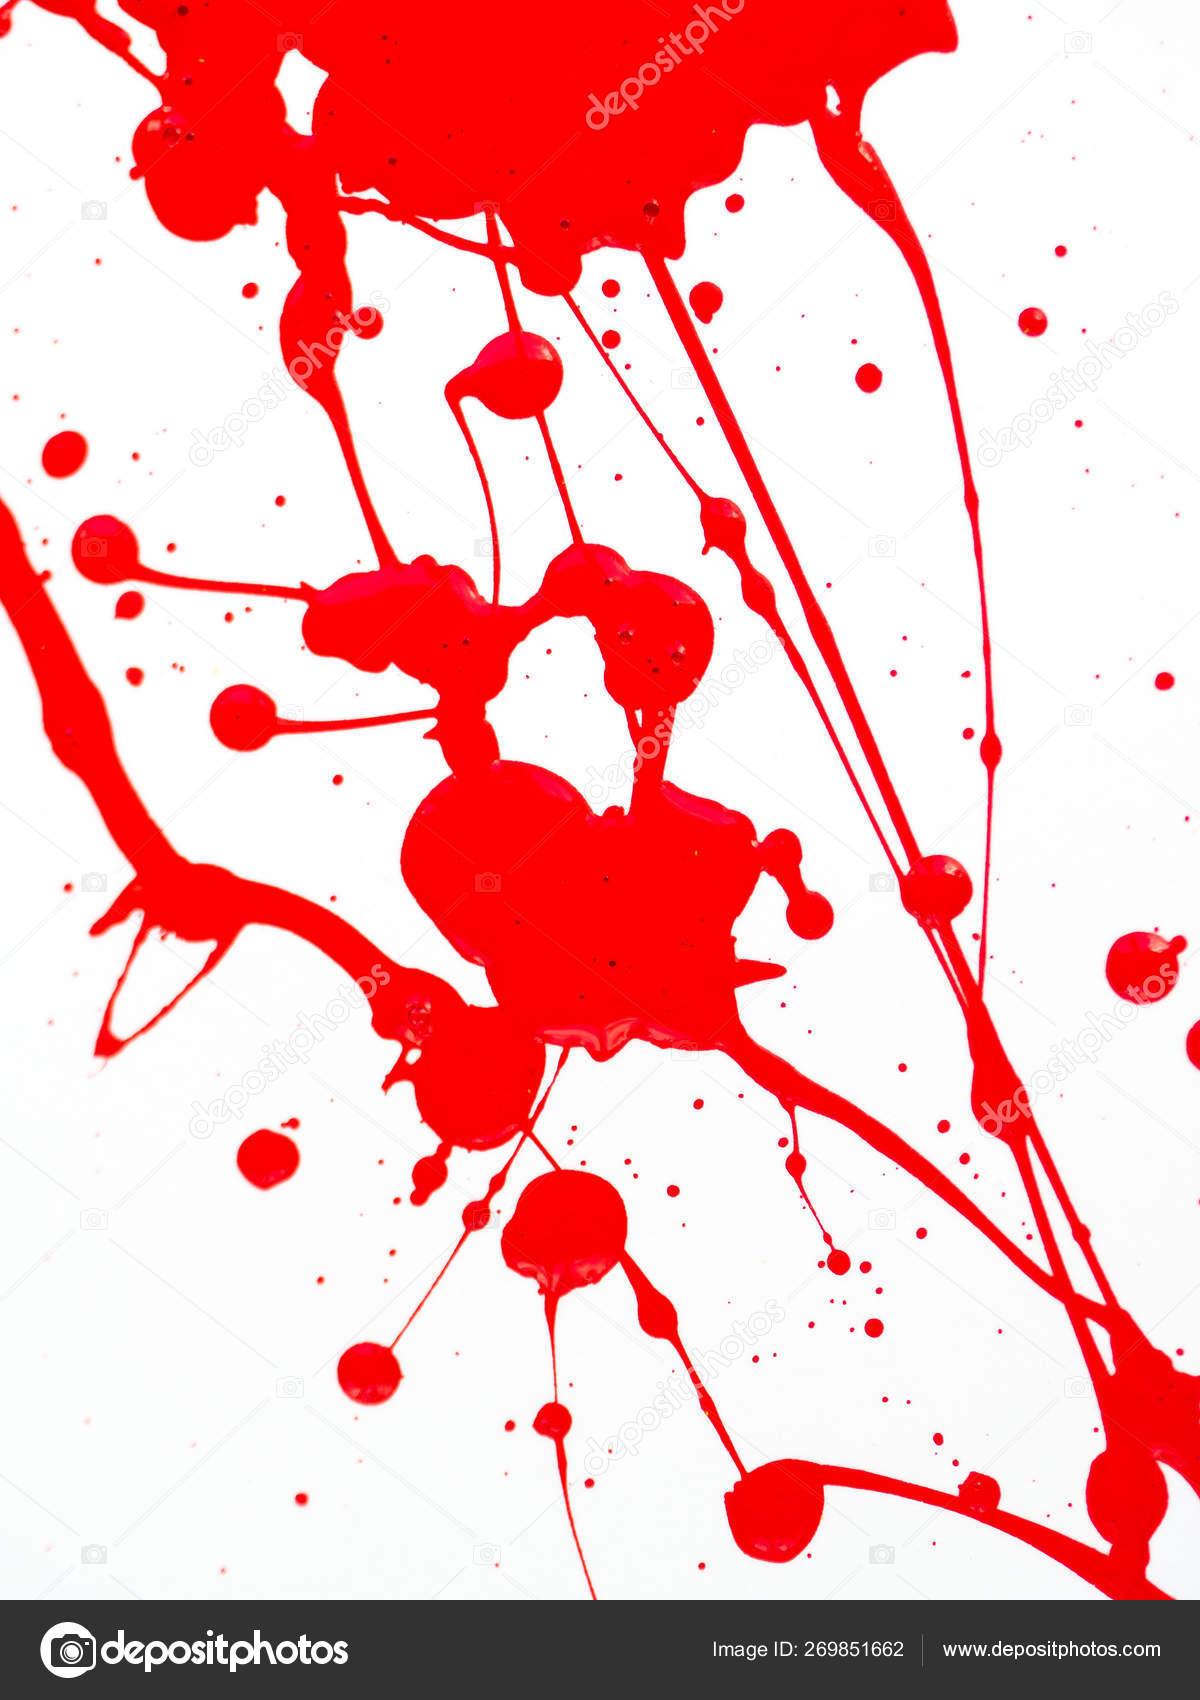 Peinture Rouge Gouttes Et Eclaboussures Sur Fond Blanc Photographie Allexander C 269851662